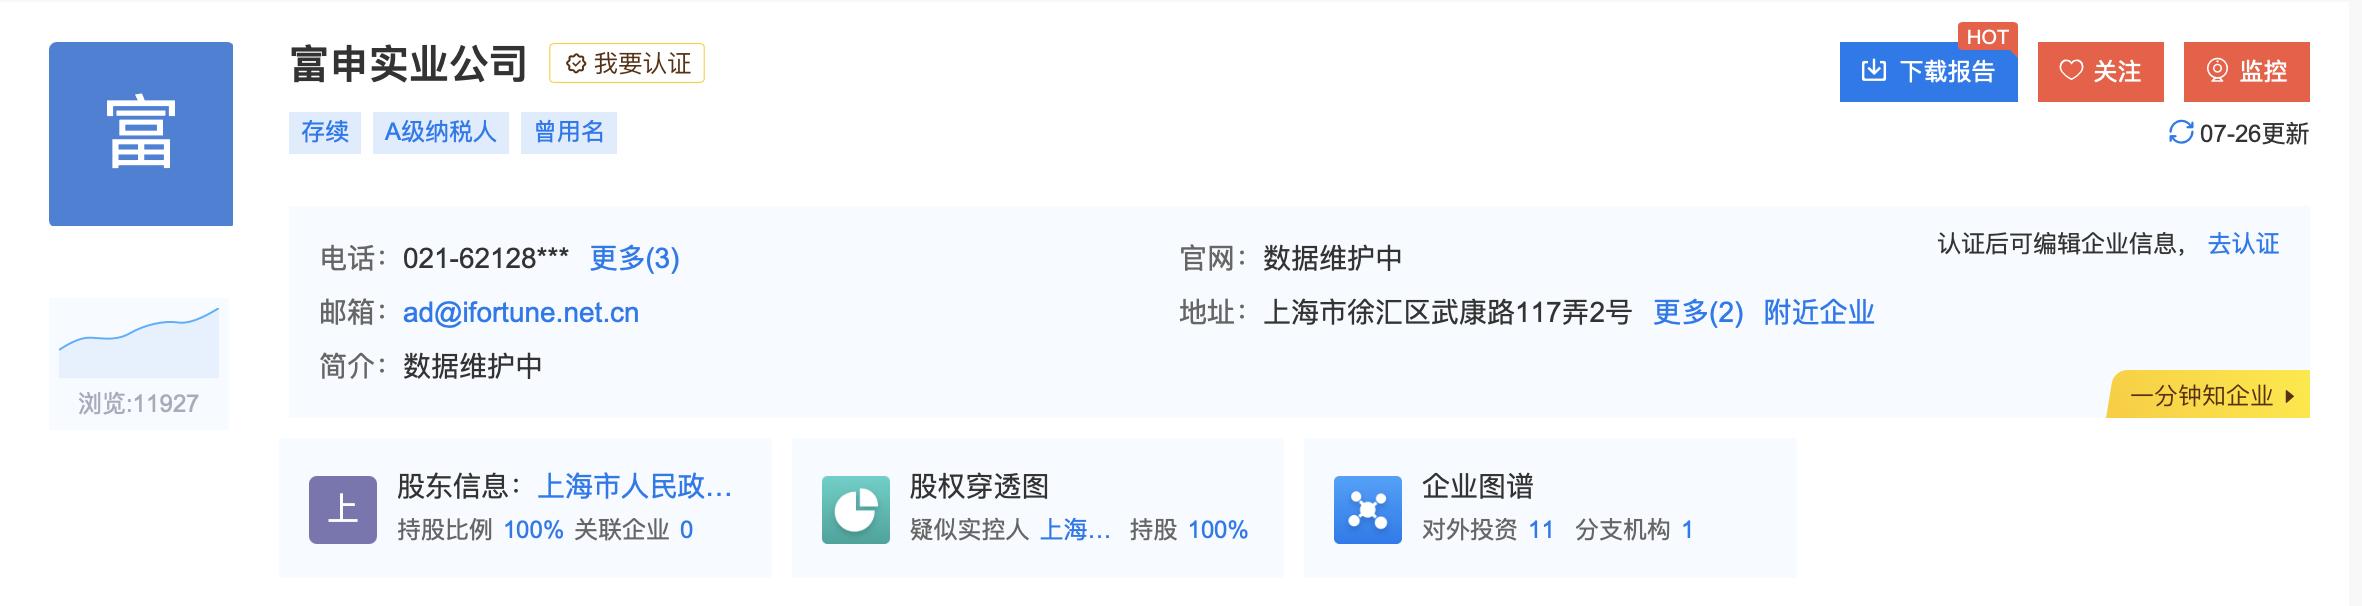 涉百亿资金!多家上市公司连环爆雷,上海电气董事长被查,都被同一人骗?